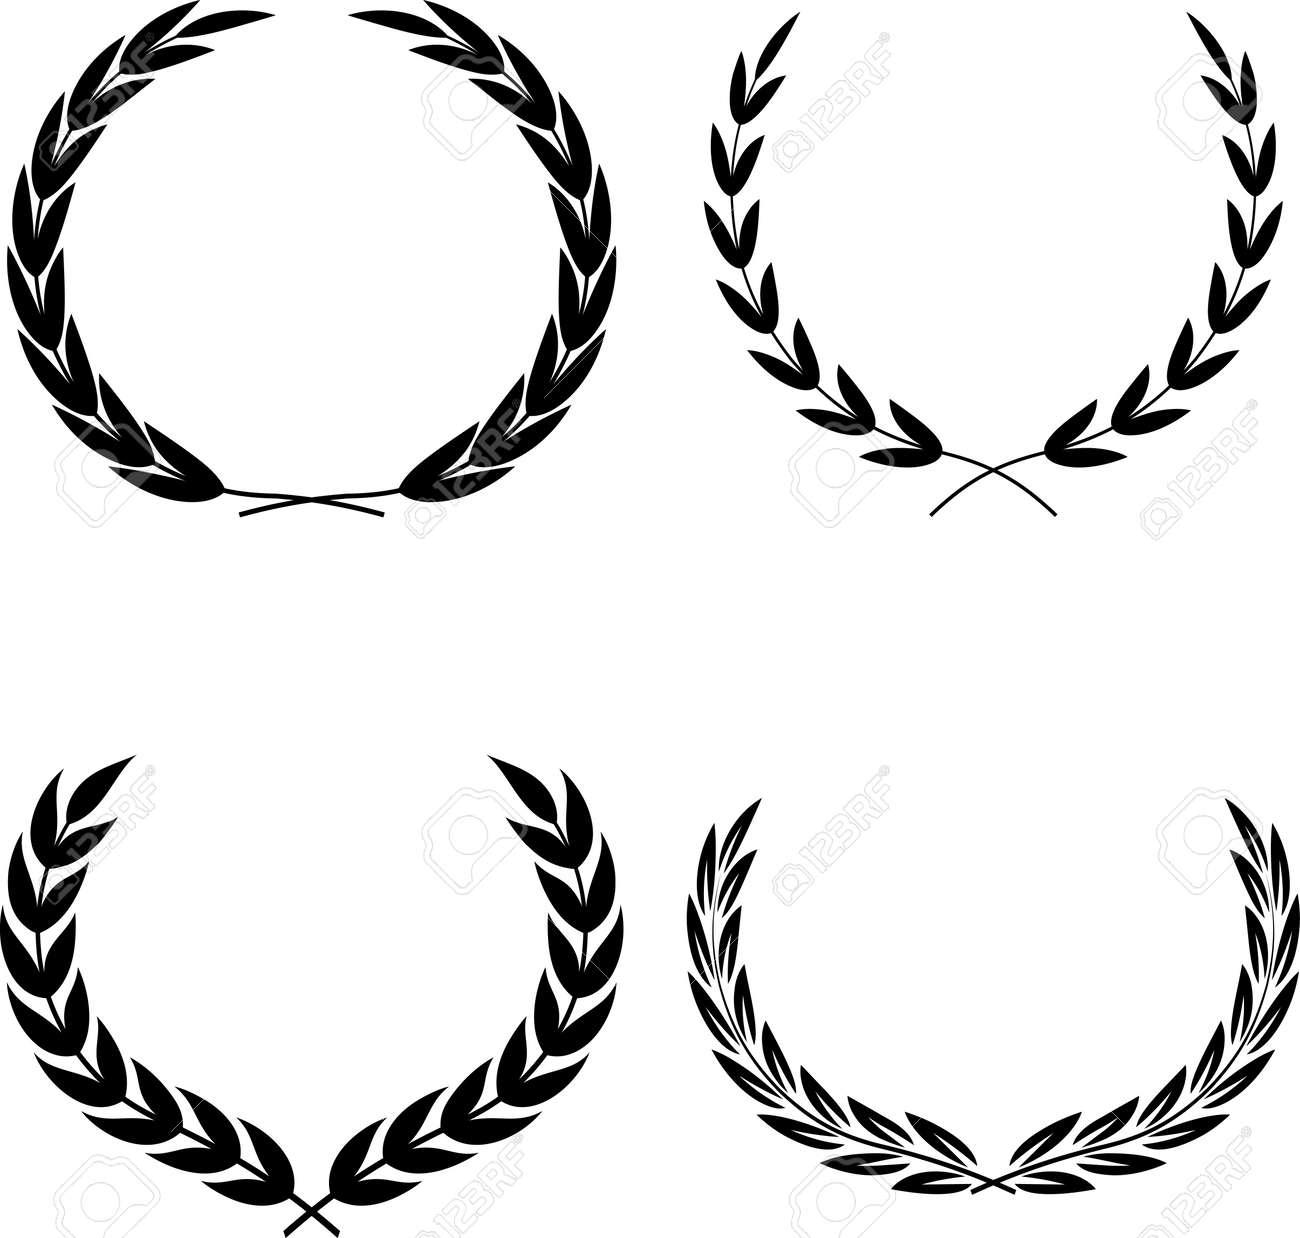 Laurel Wreaths Vector - 52870137